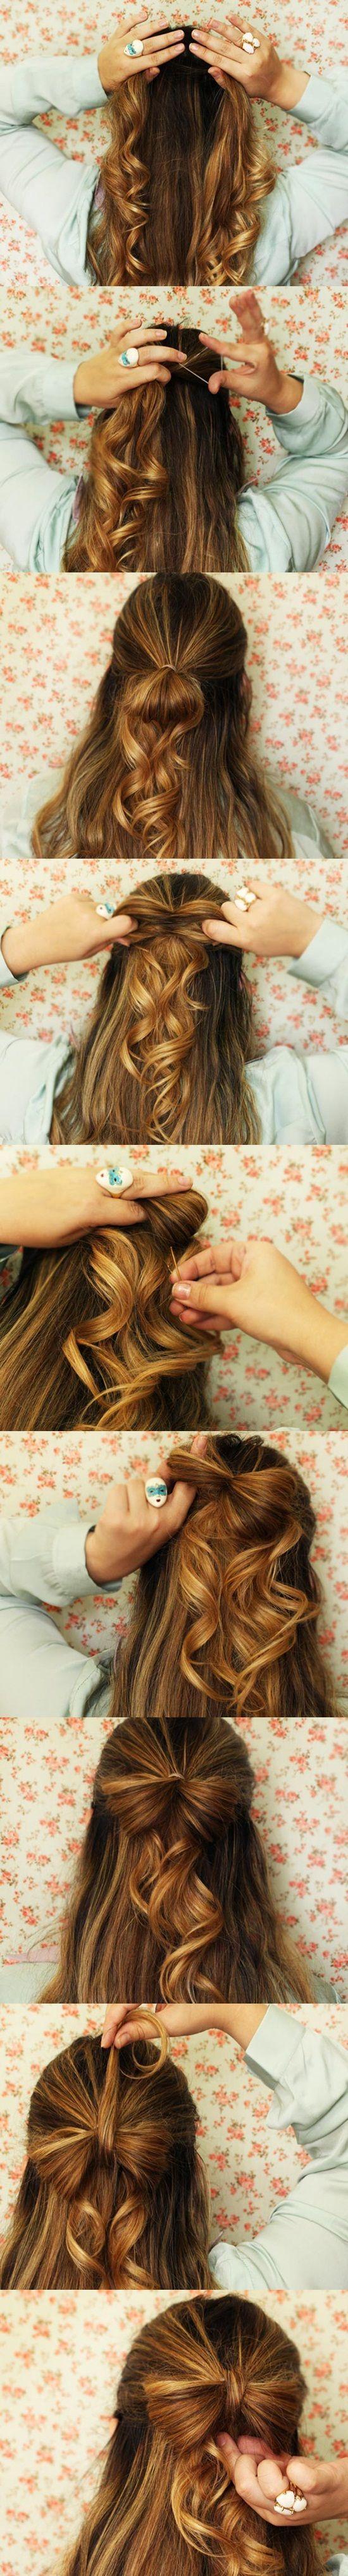 Penteados de cabelos para volta às aulas school hairstyles hair